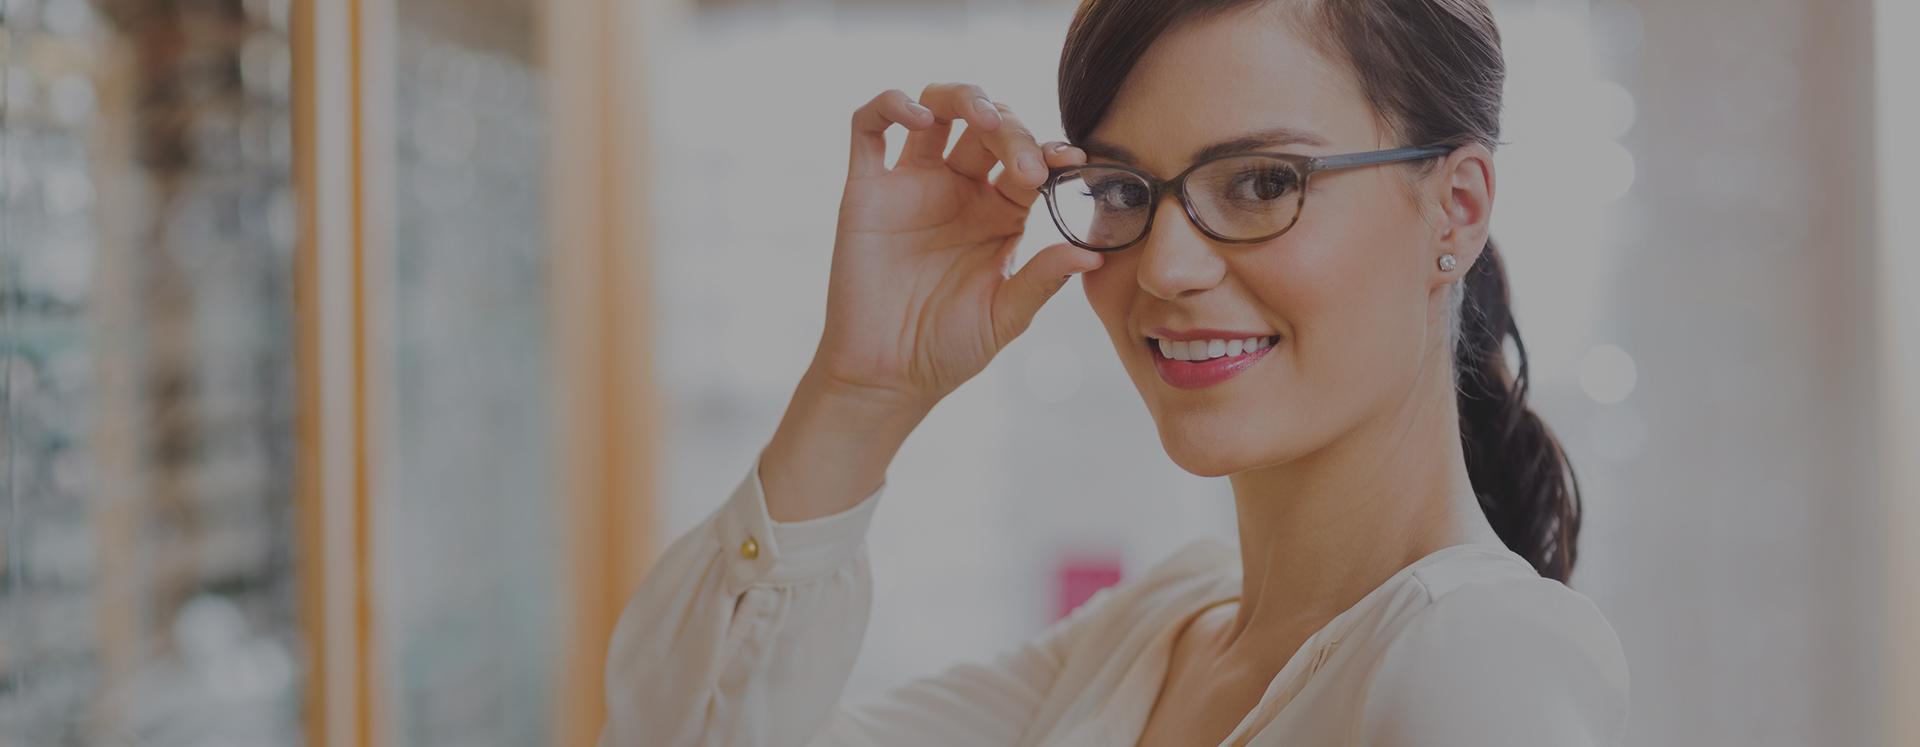 Takové brýle jsem vždycky chtěla